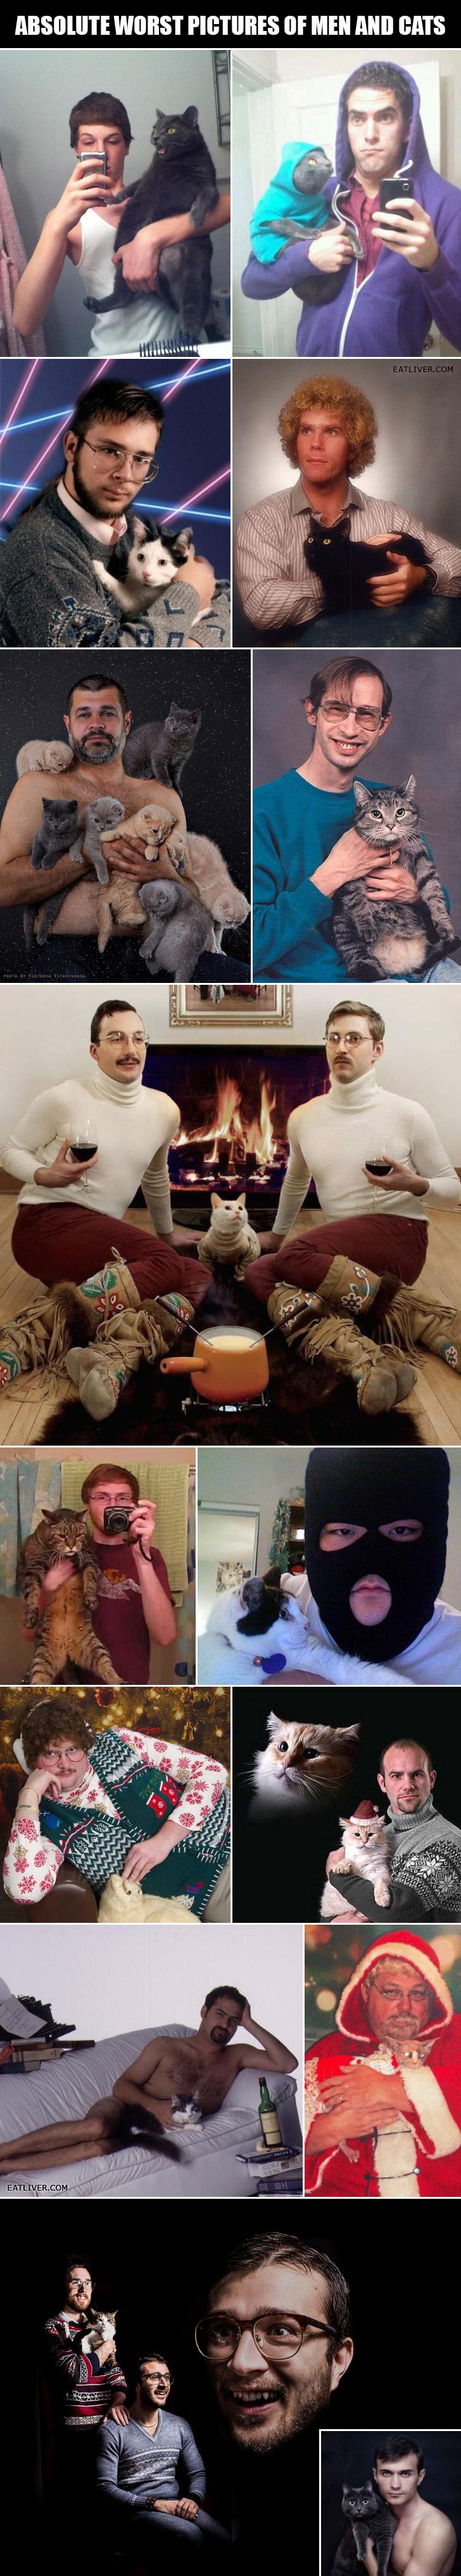 menn-og-katter